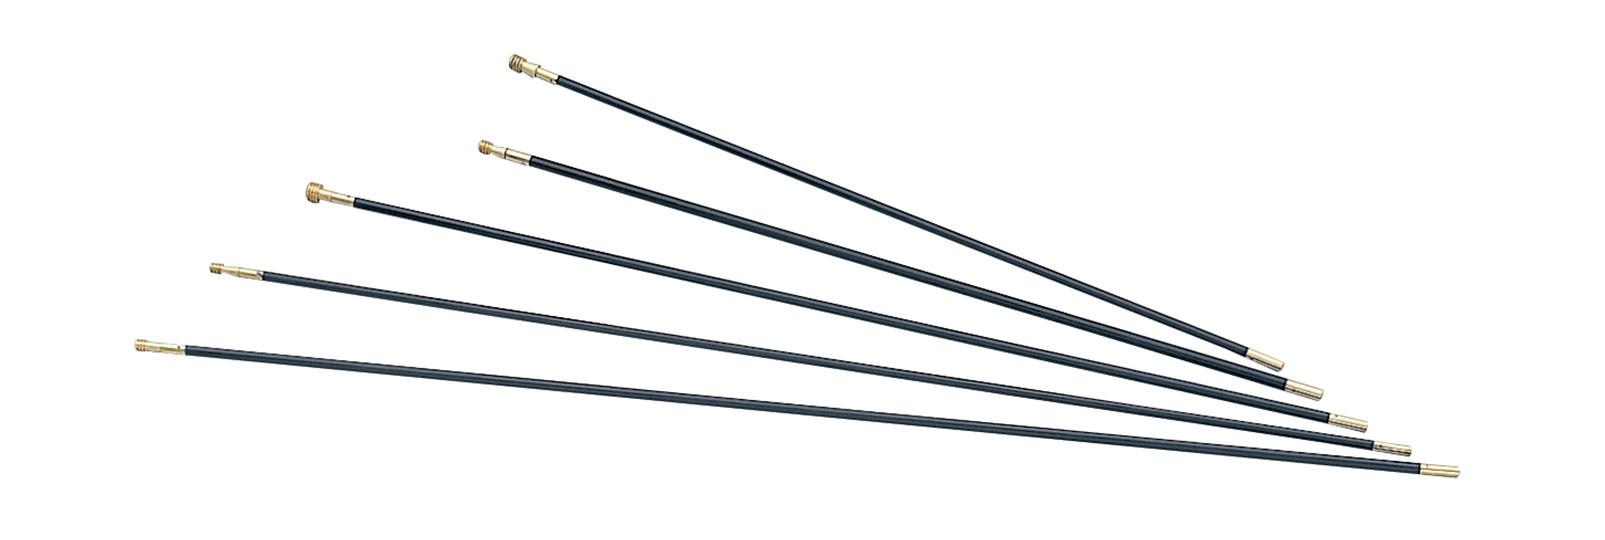 Muzzleloading Fiberglass ramrods 9x790 mm